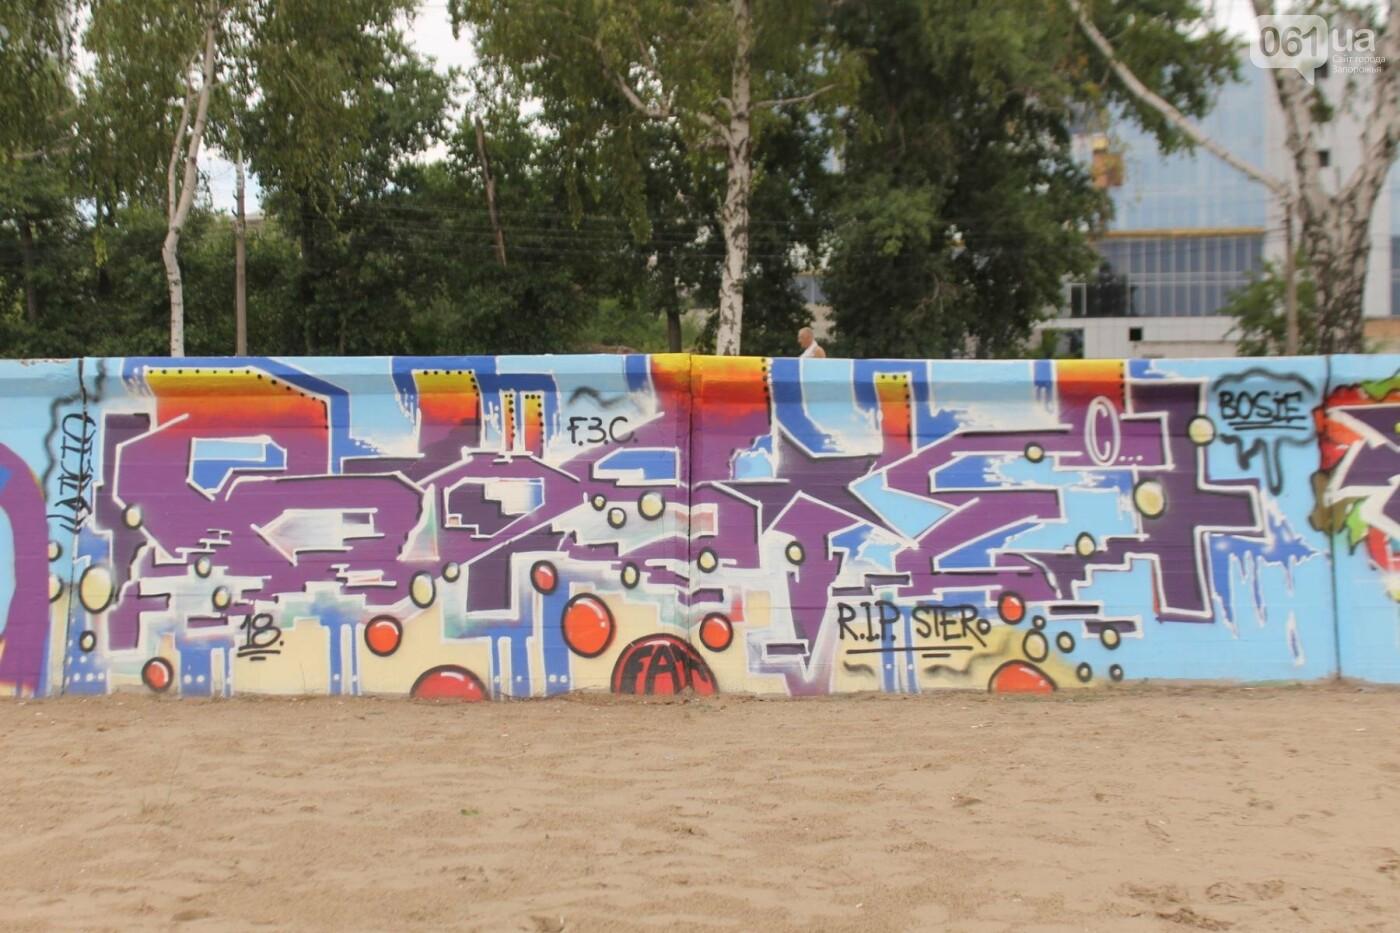 В Запорожье на пляже закончился фестиваль граффити: разрисовали 150 метров бетонной стены, – ФОТОРЕПОРТАЖ, фото-14